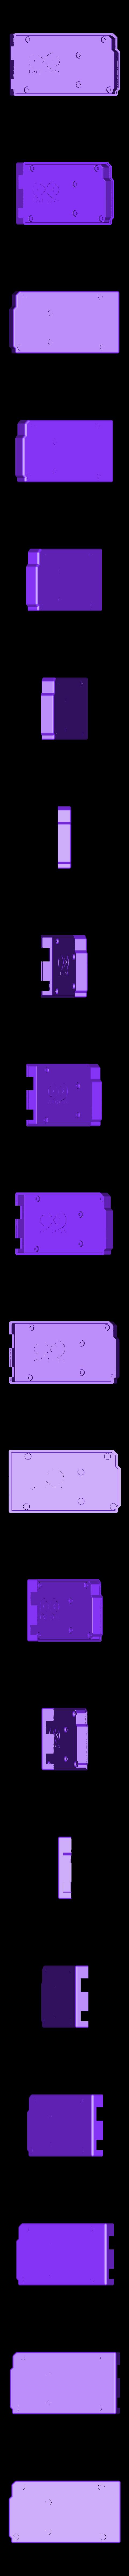 ArduinoMega_Case_Bottom.stl Télécharger fichier STL gratuit Arduino Mega étui confortable • Plan pour imprimante 3D, Obenottr3D